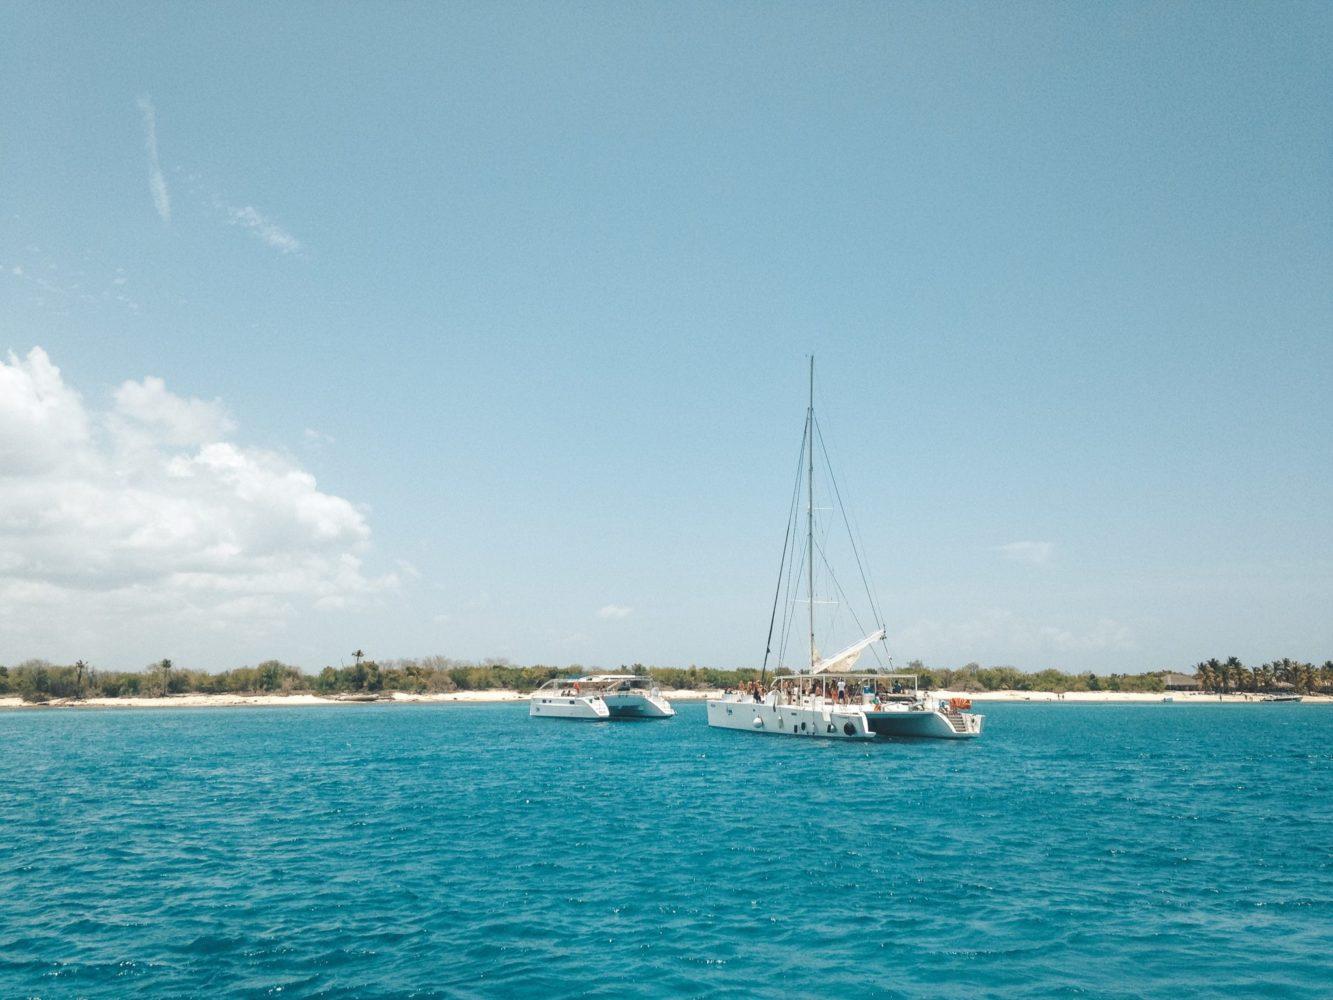 Retour en catamaran en fin de journée sur les eaux bleues